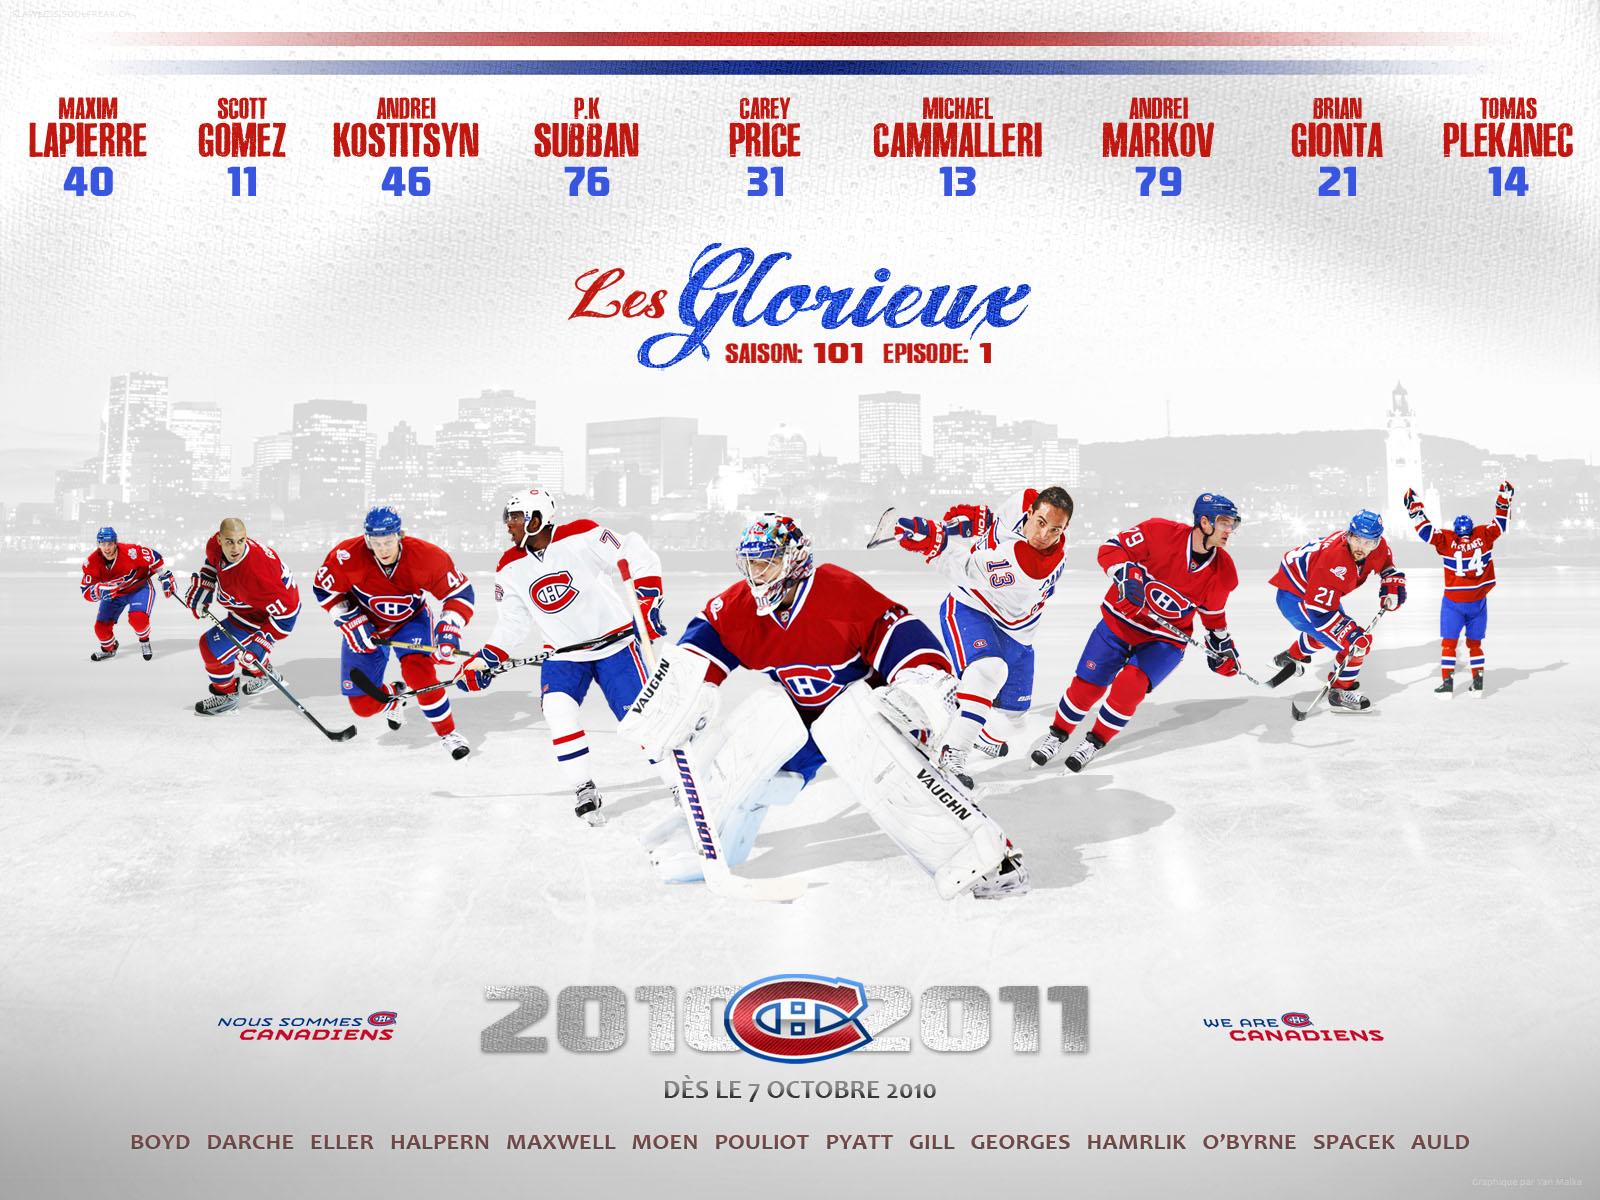 Montrealcanadienswallpaper2011 1600x1200